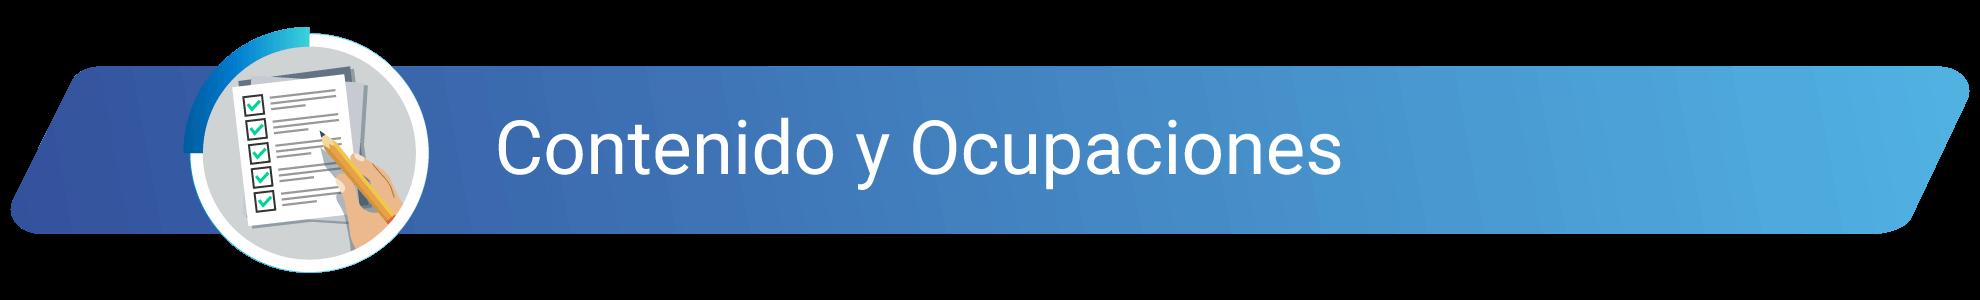 Banner_Ocupaciones